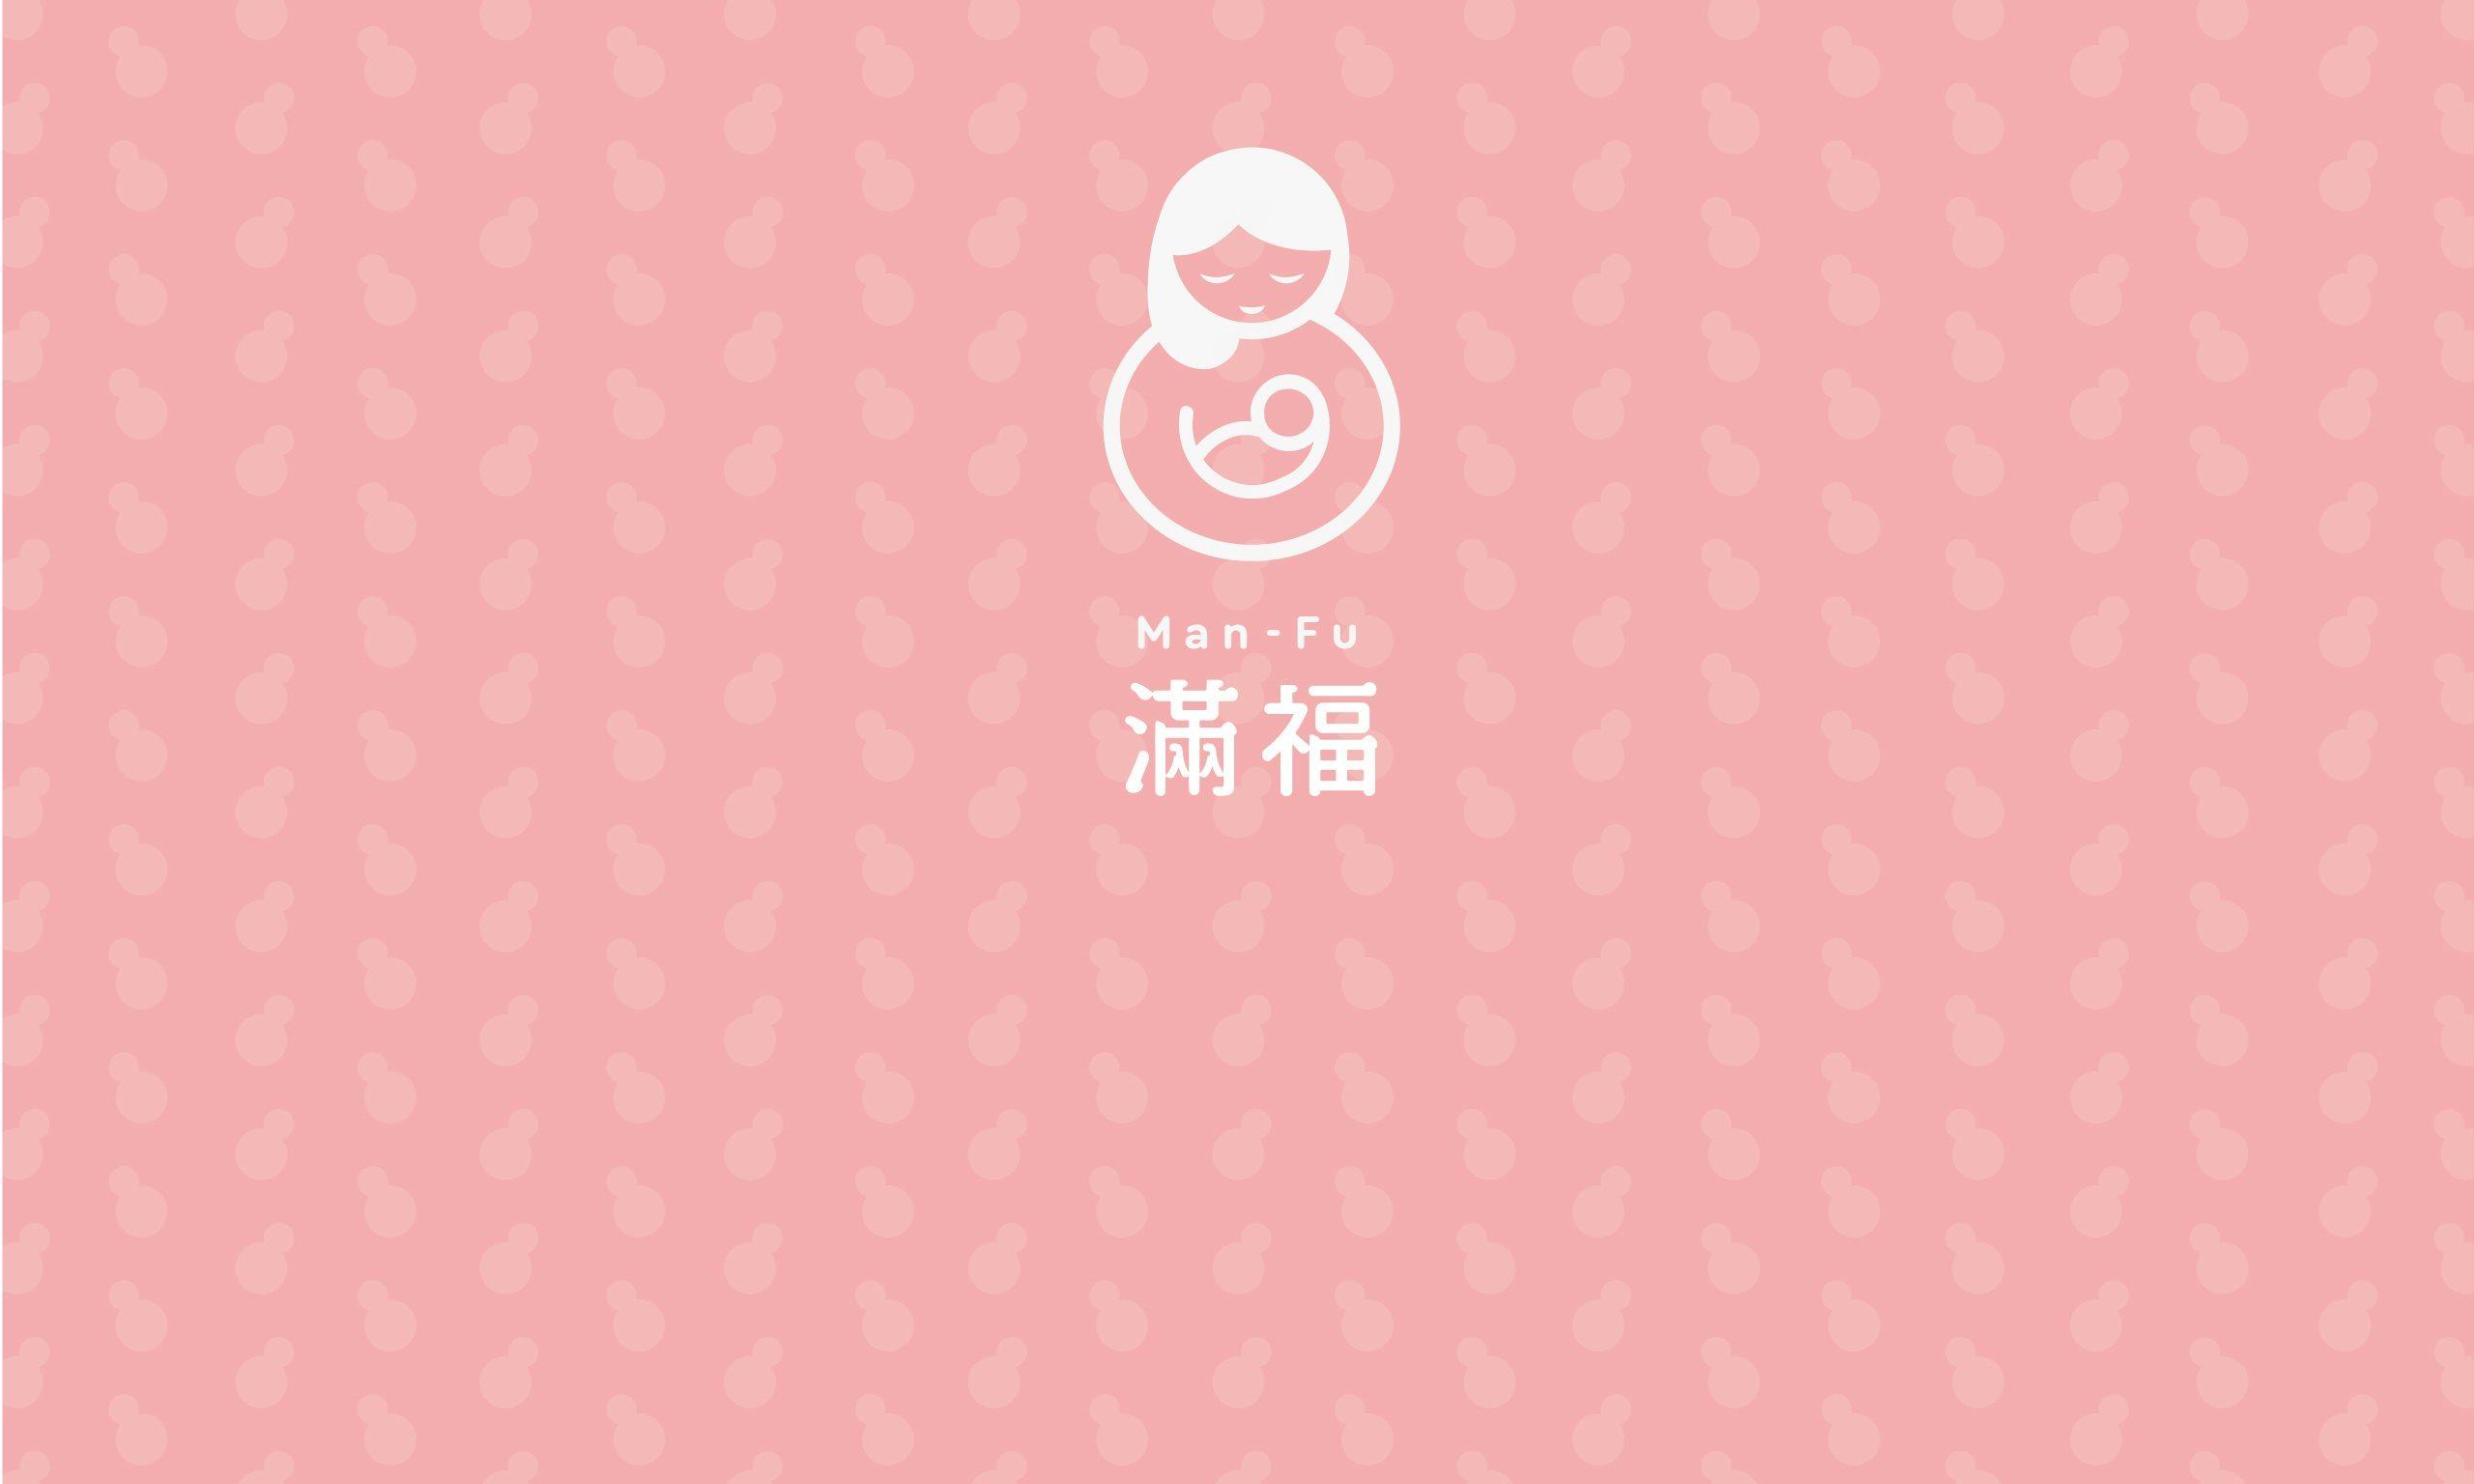 Man-Fu Postpartum Care Center